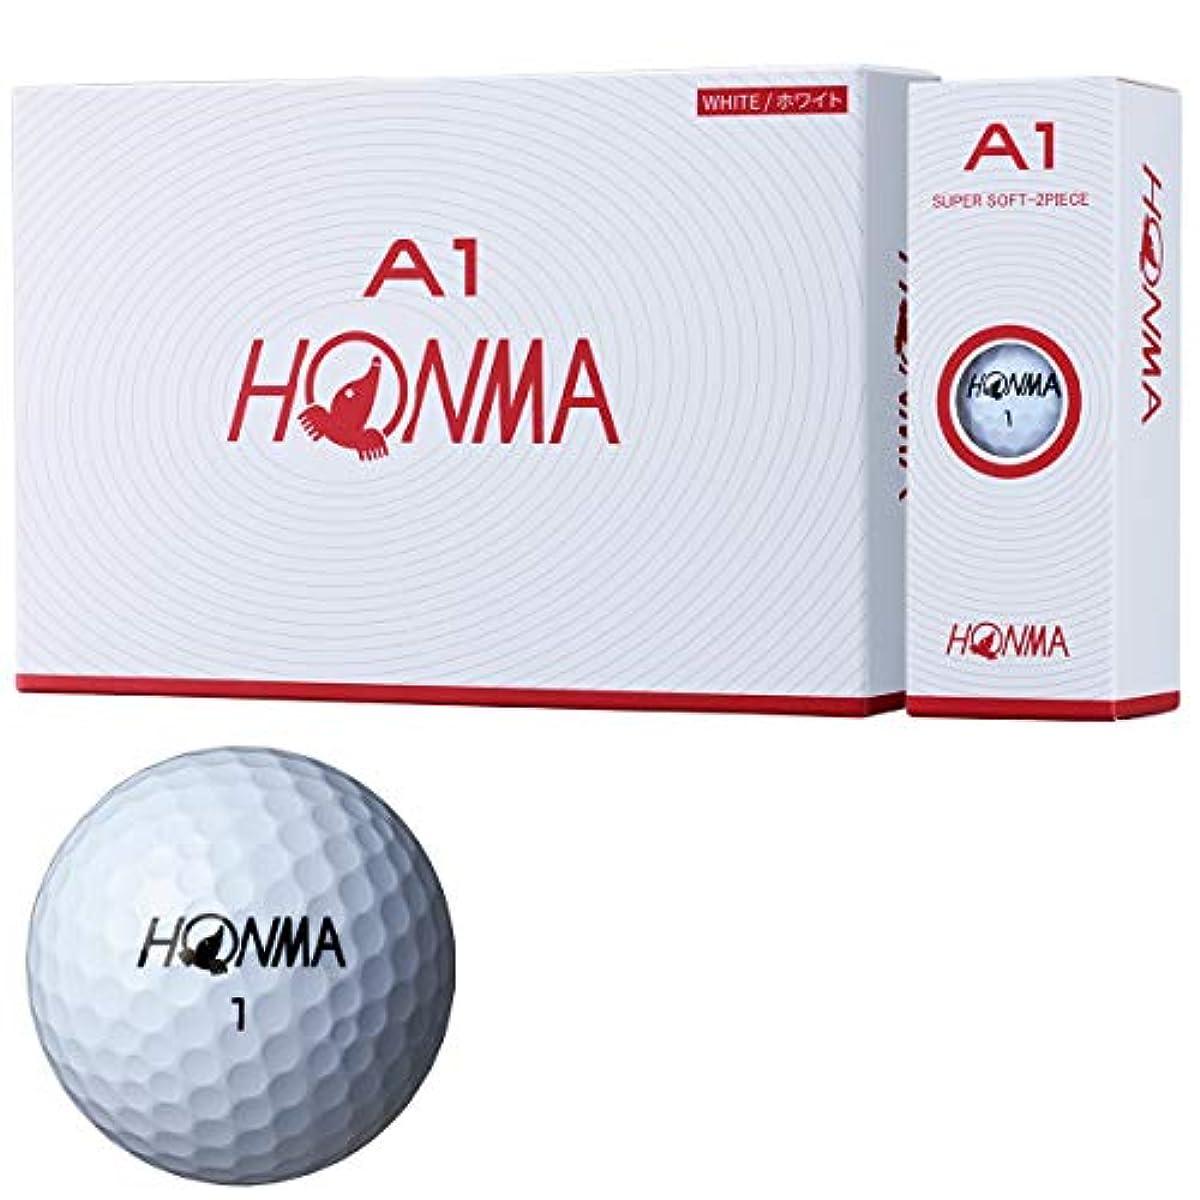 [해외] 혼마 골프 HONMA 골프 볼 A1 BT1905